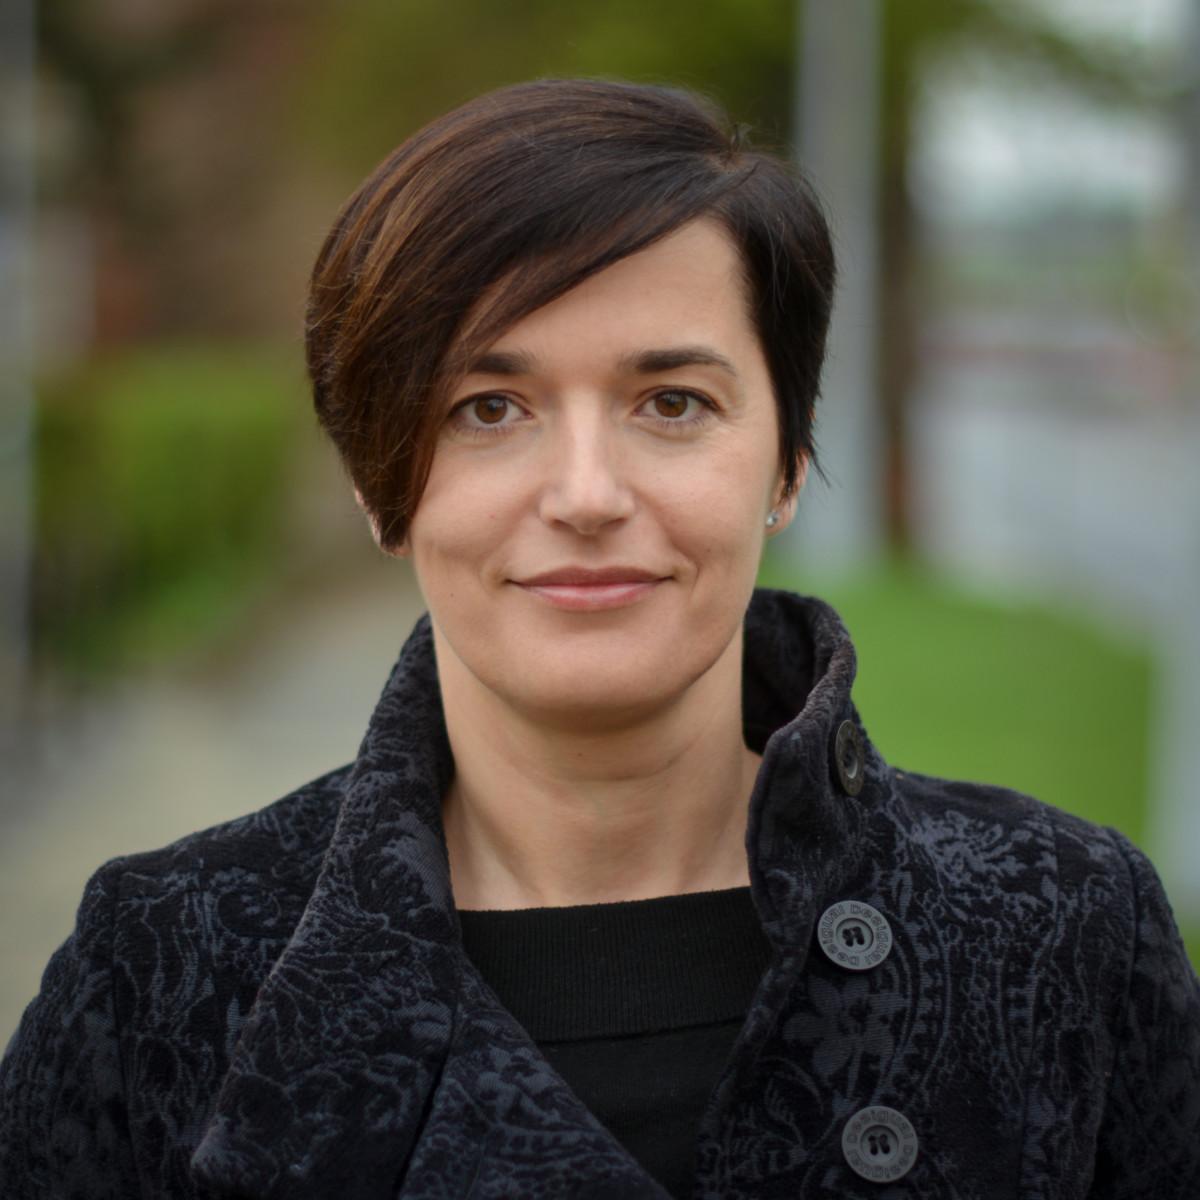 Ingeborg Baldauf